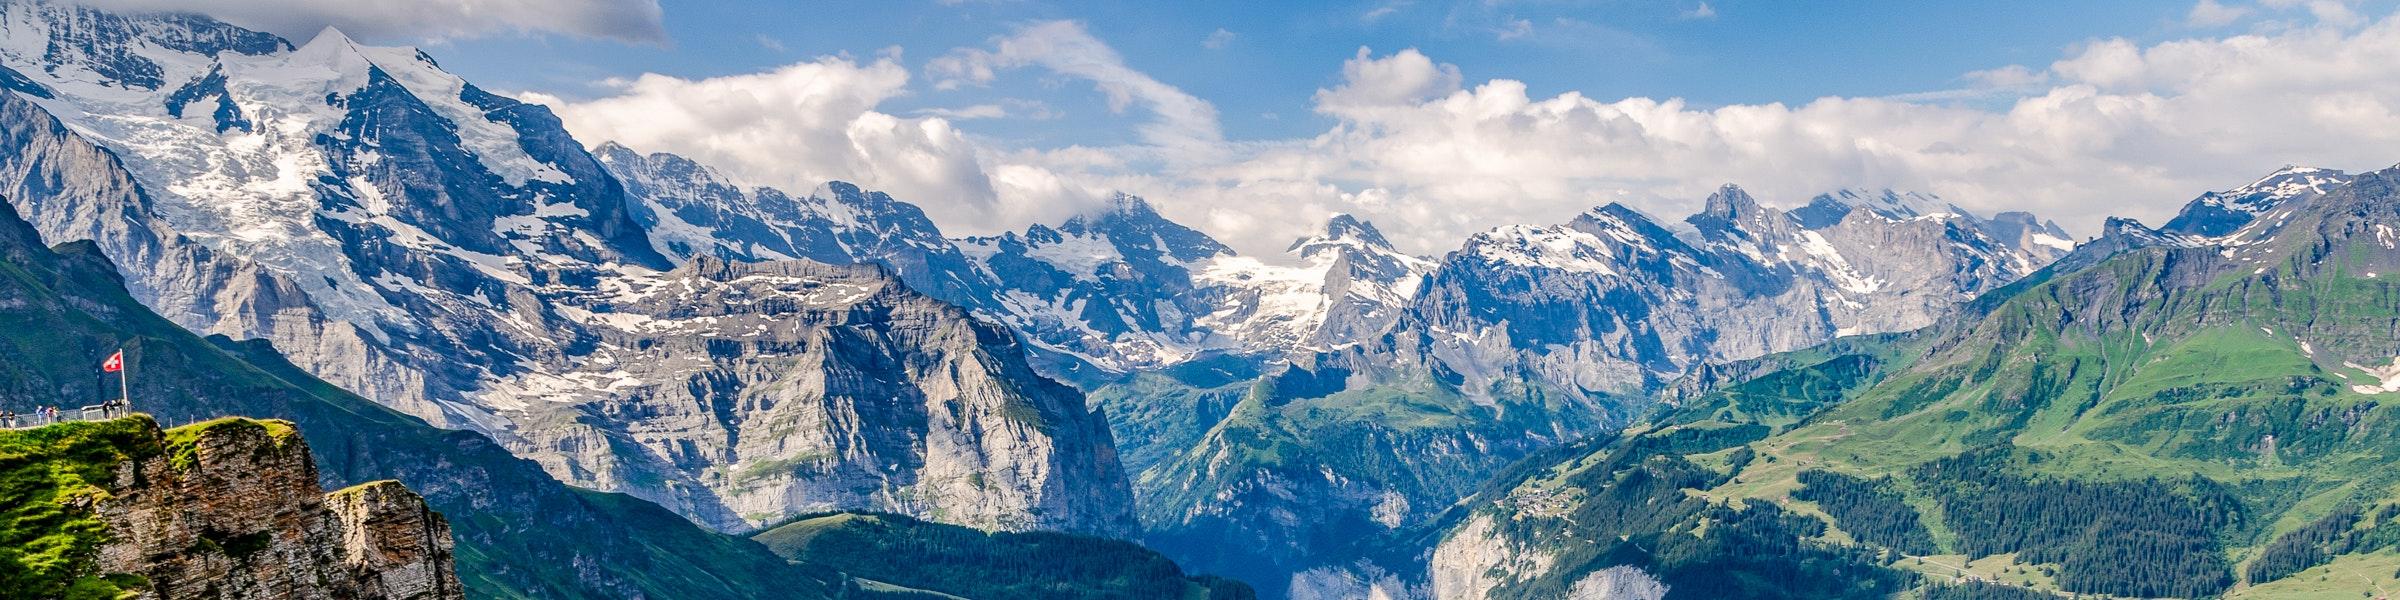 Jungfrau, Silberhorn und Breithorn vom Männlichen